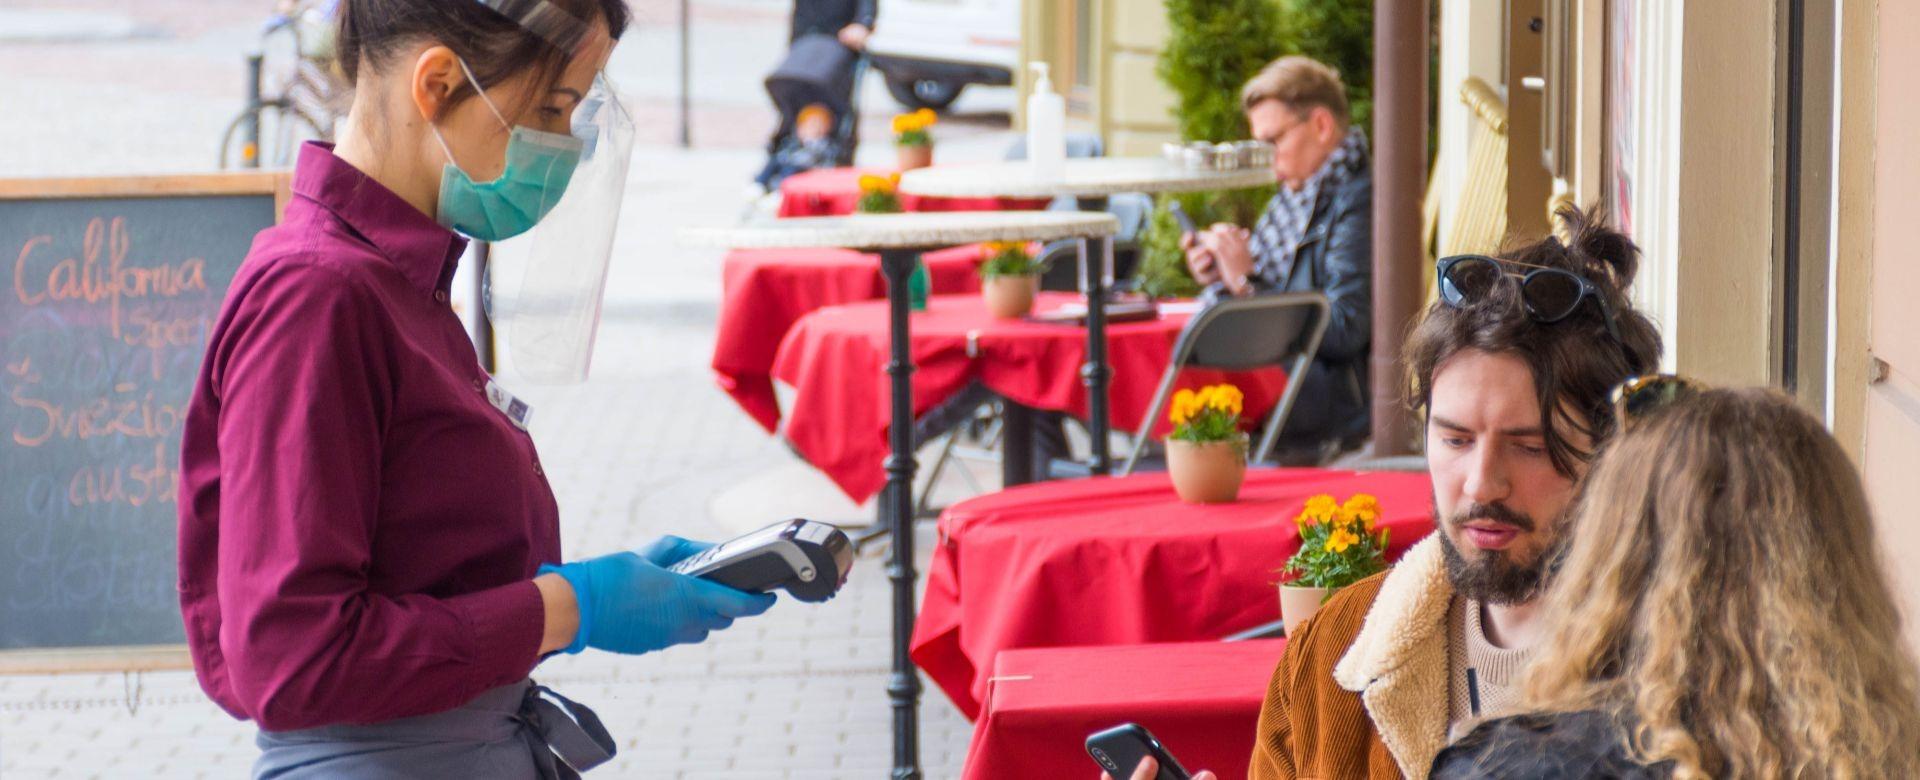 Les cafés, bars et restaurants rouvrent